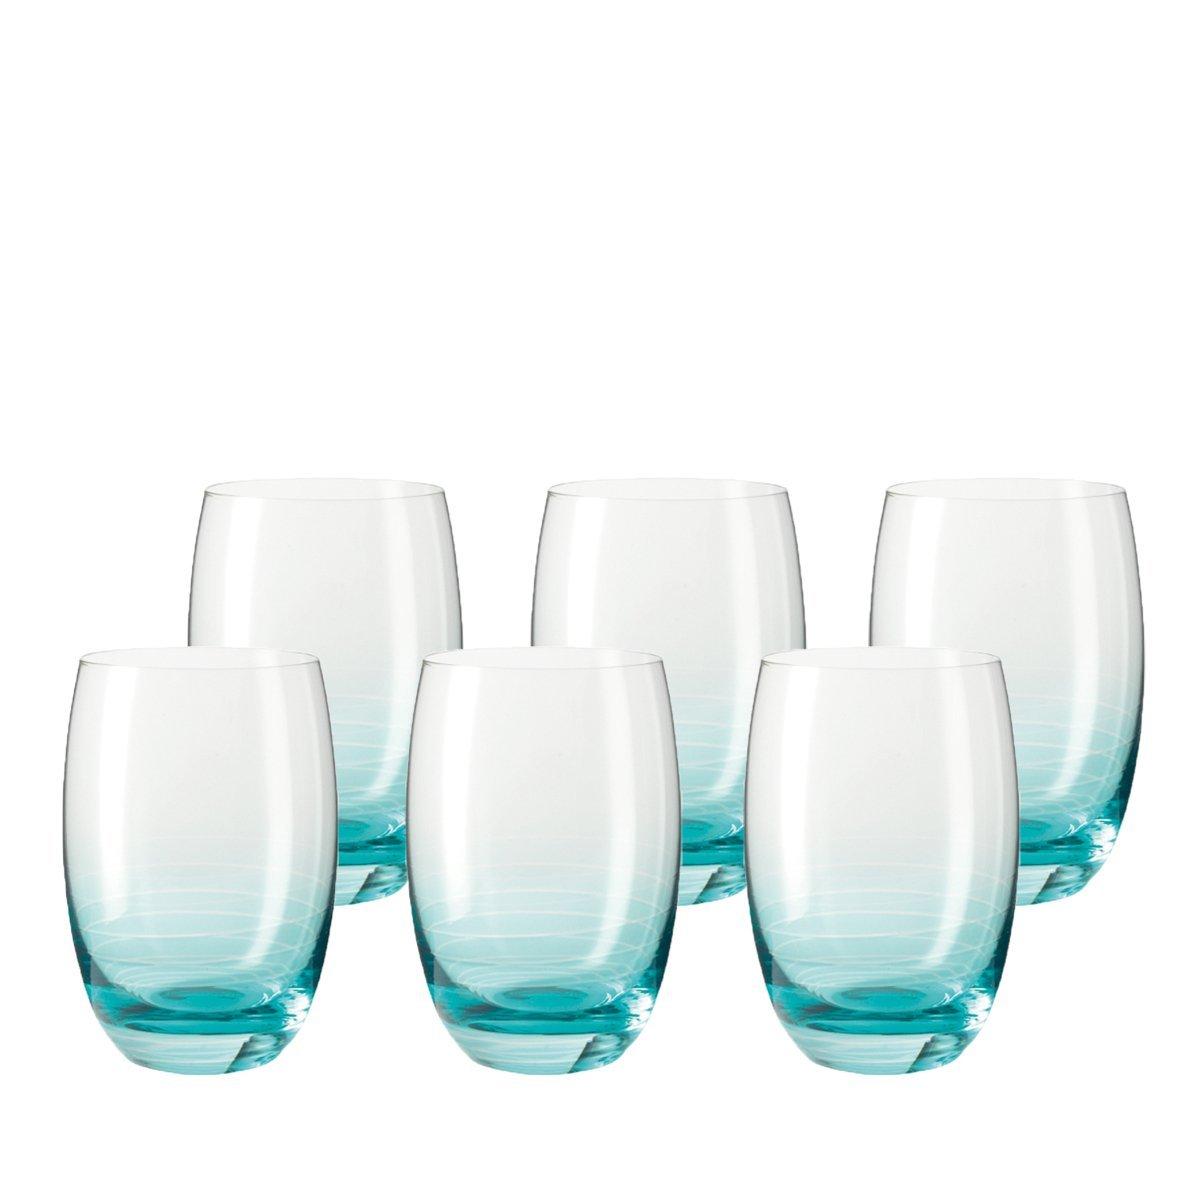 La Lavastoviglie Lascia I Bicchieri Opachi Riparodasolo